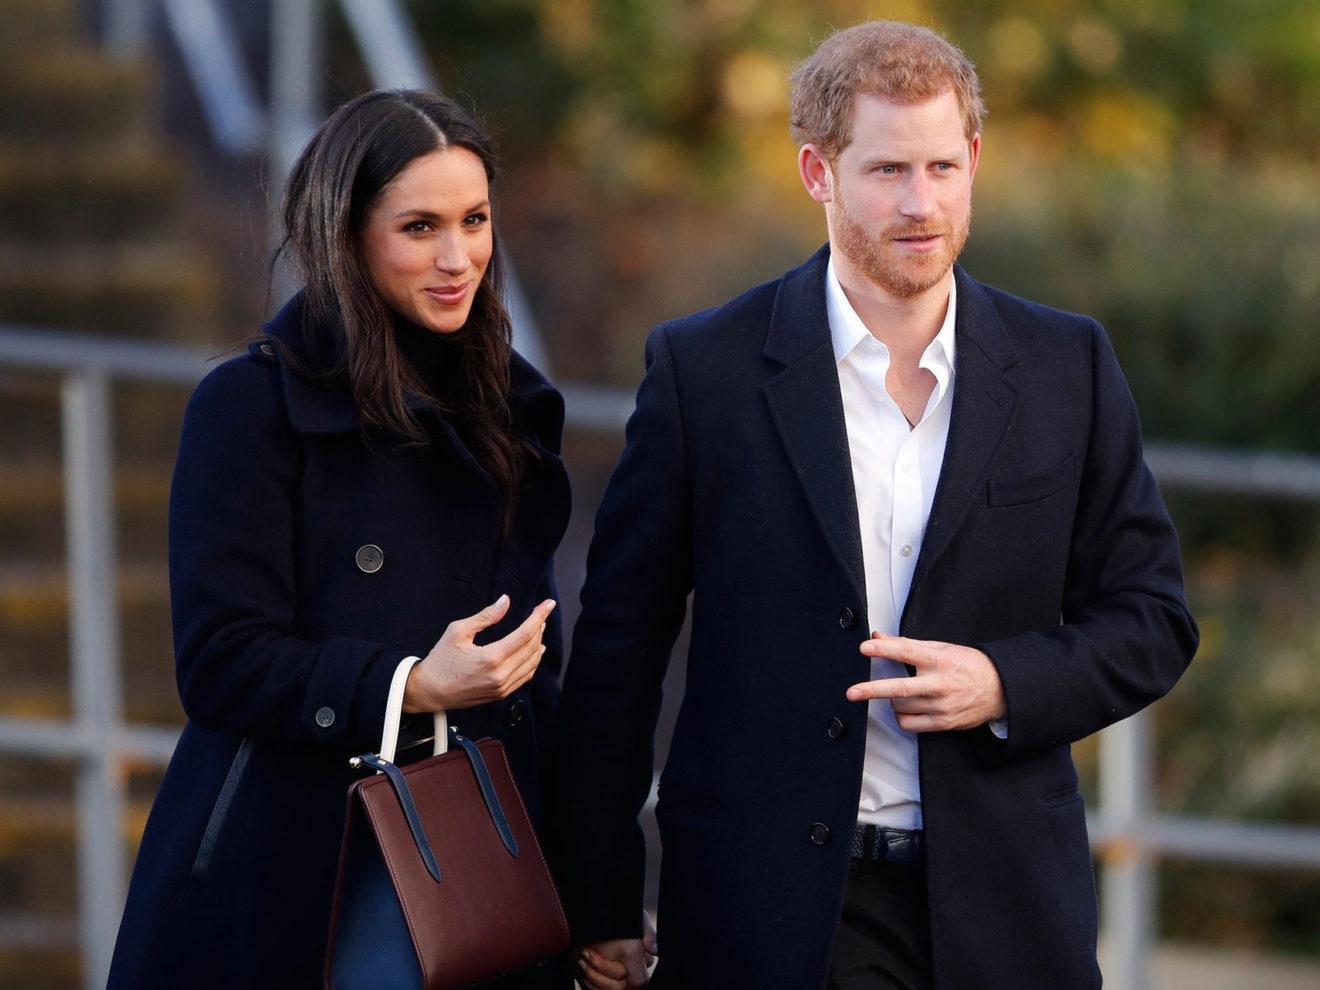 Беда с этими наследниками престола! Интересные новости о Принце Гарри и Меган Маркл!